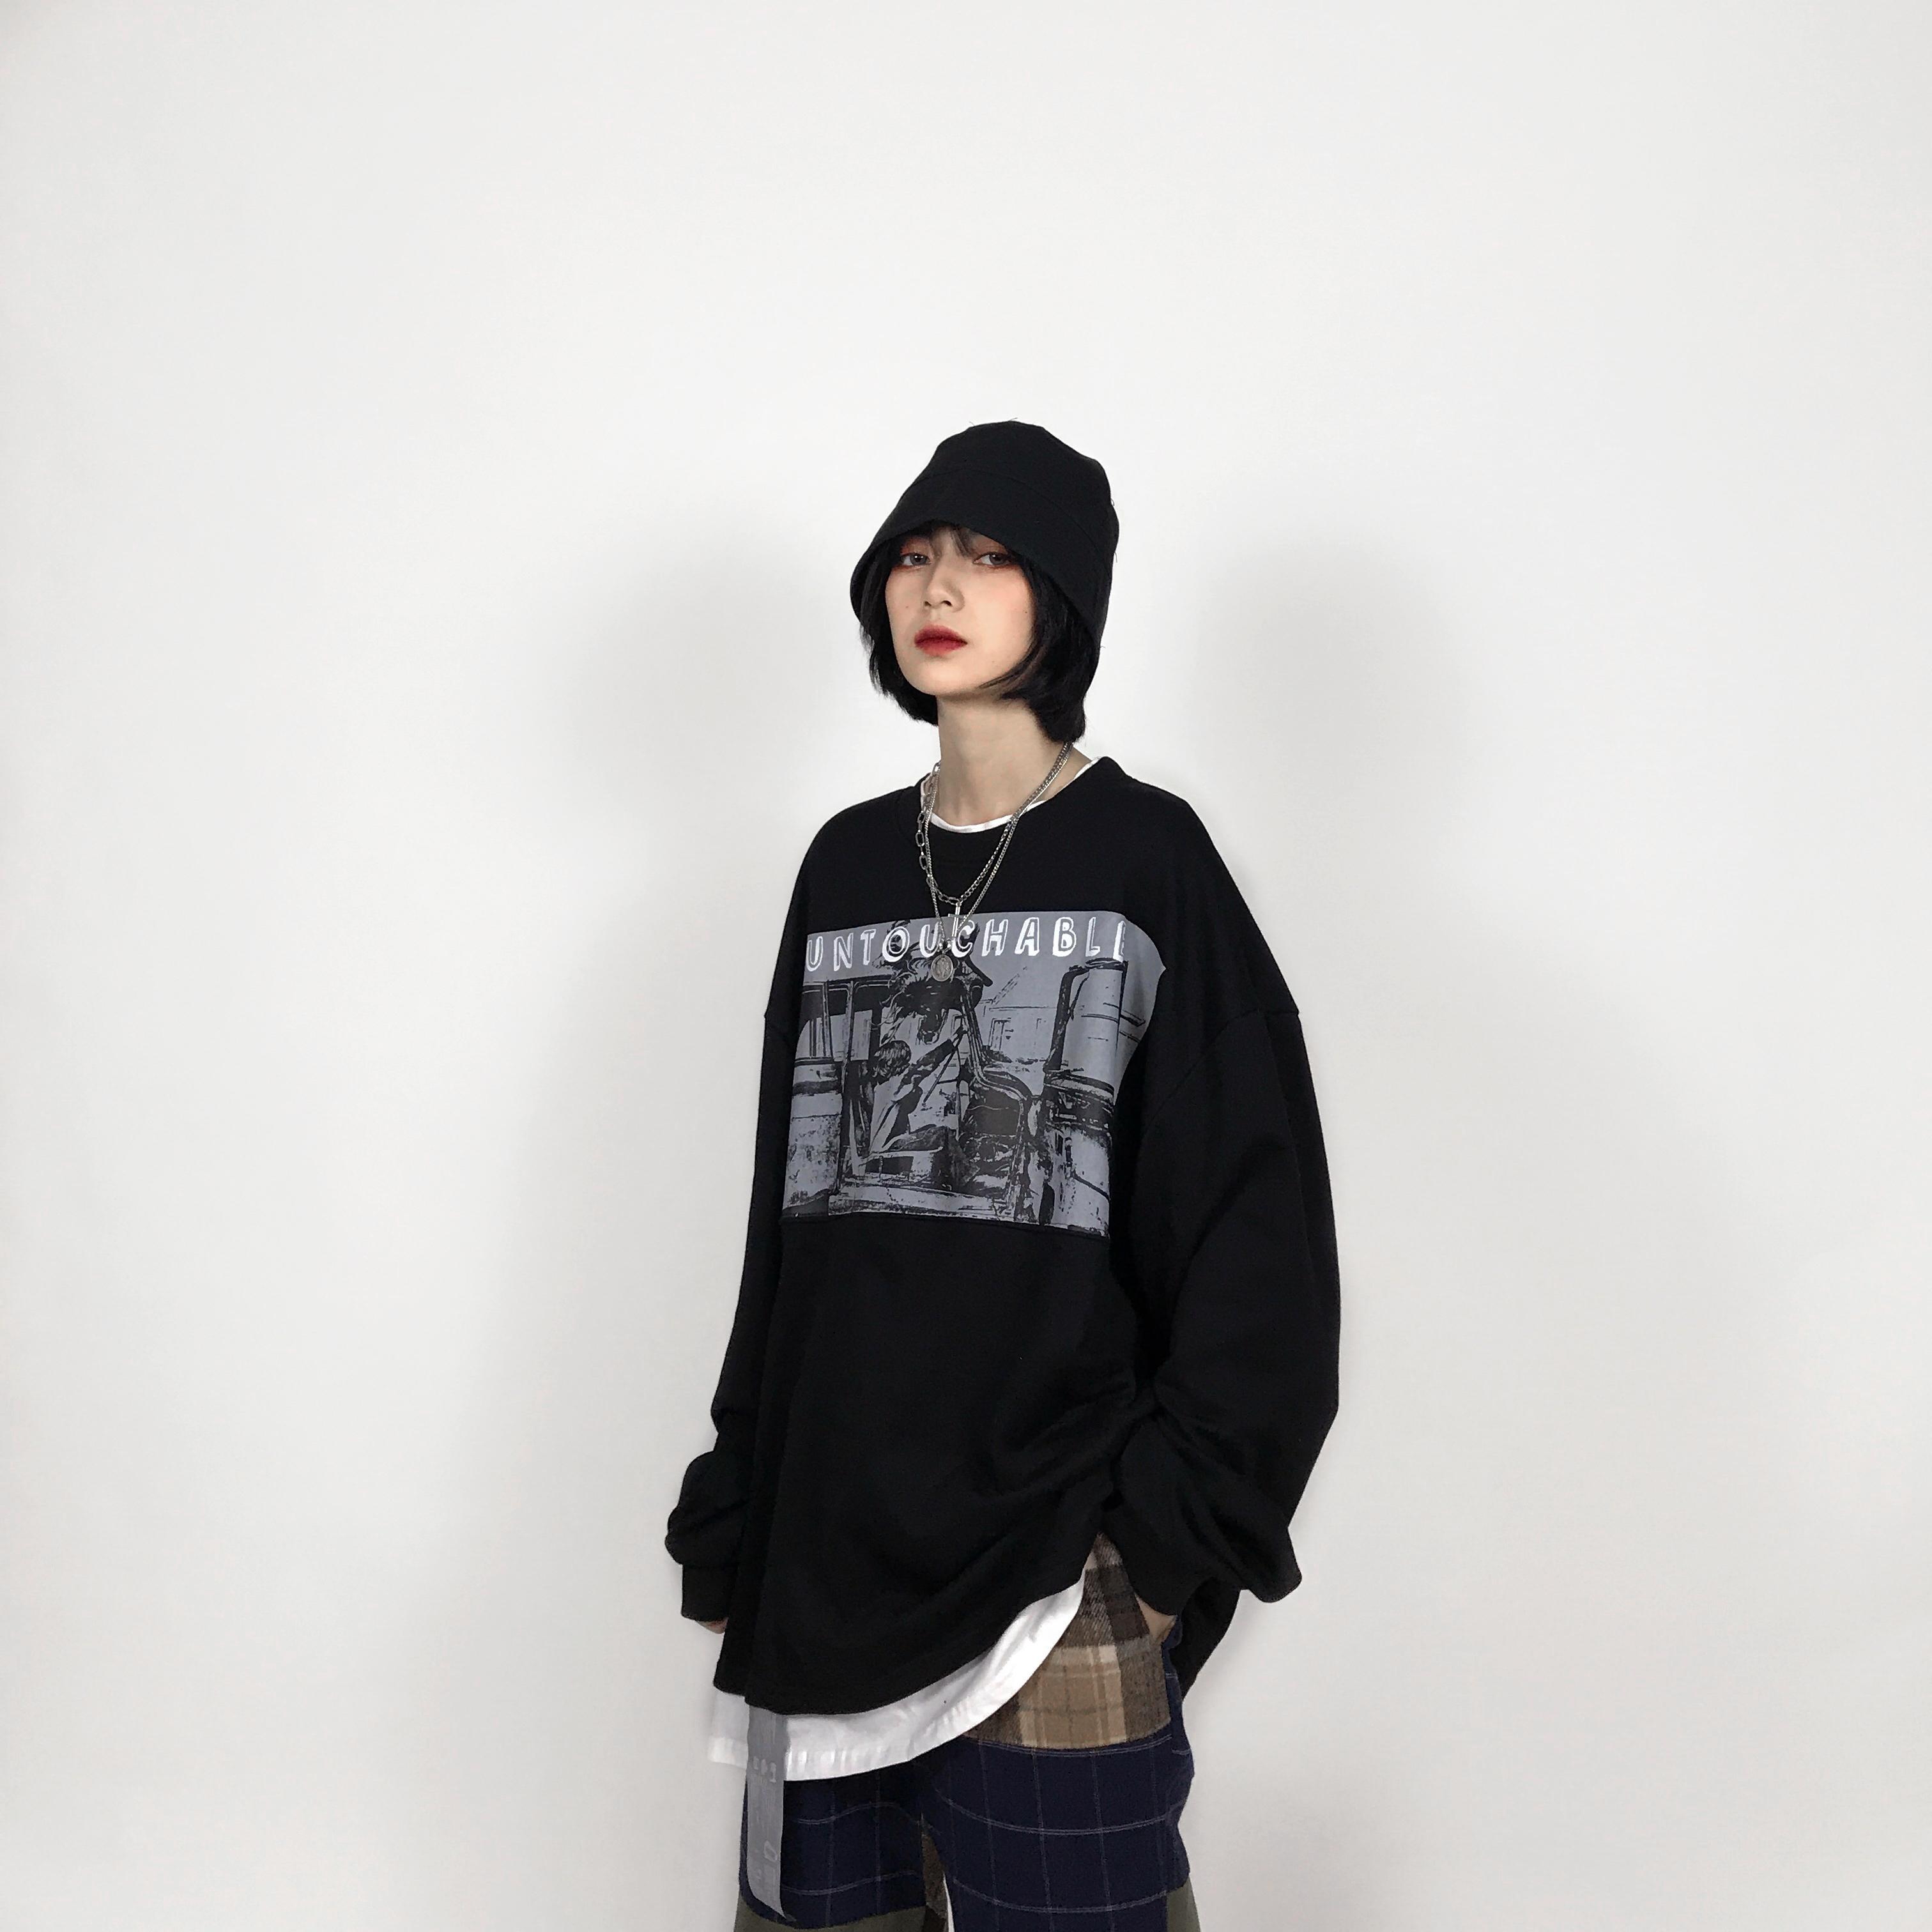 印花卫衣 MX3自制做旧洗水卫衣2020FW复古印花欧美嘻哈街头宽松男女假两件_推荐淘宝好看的女印花卫衣